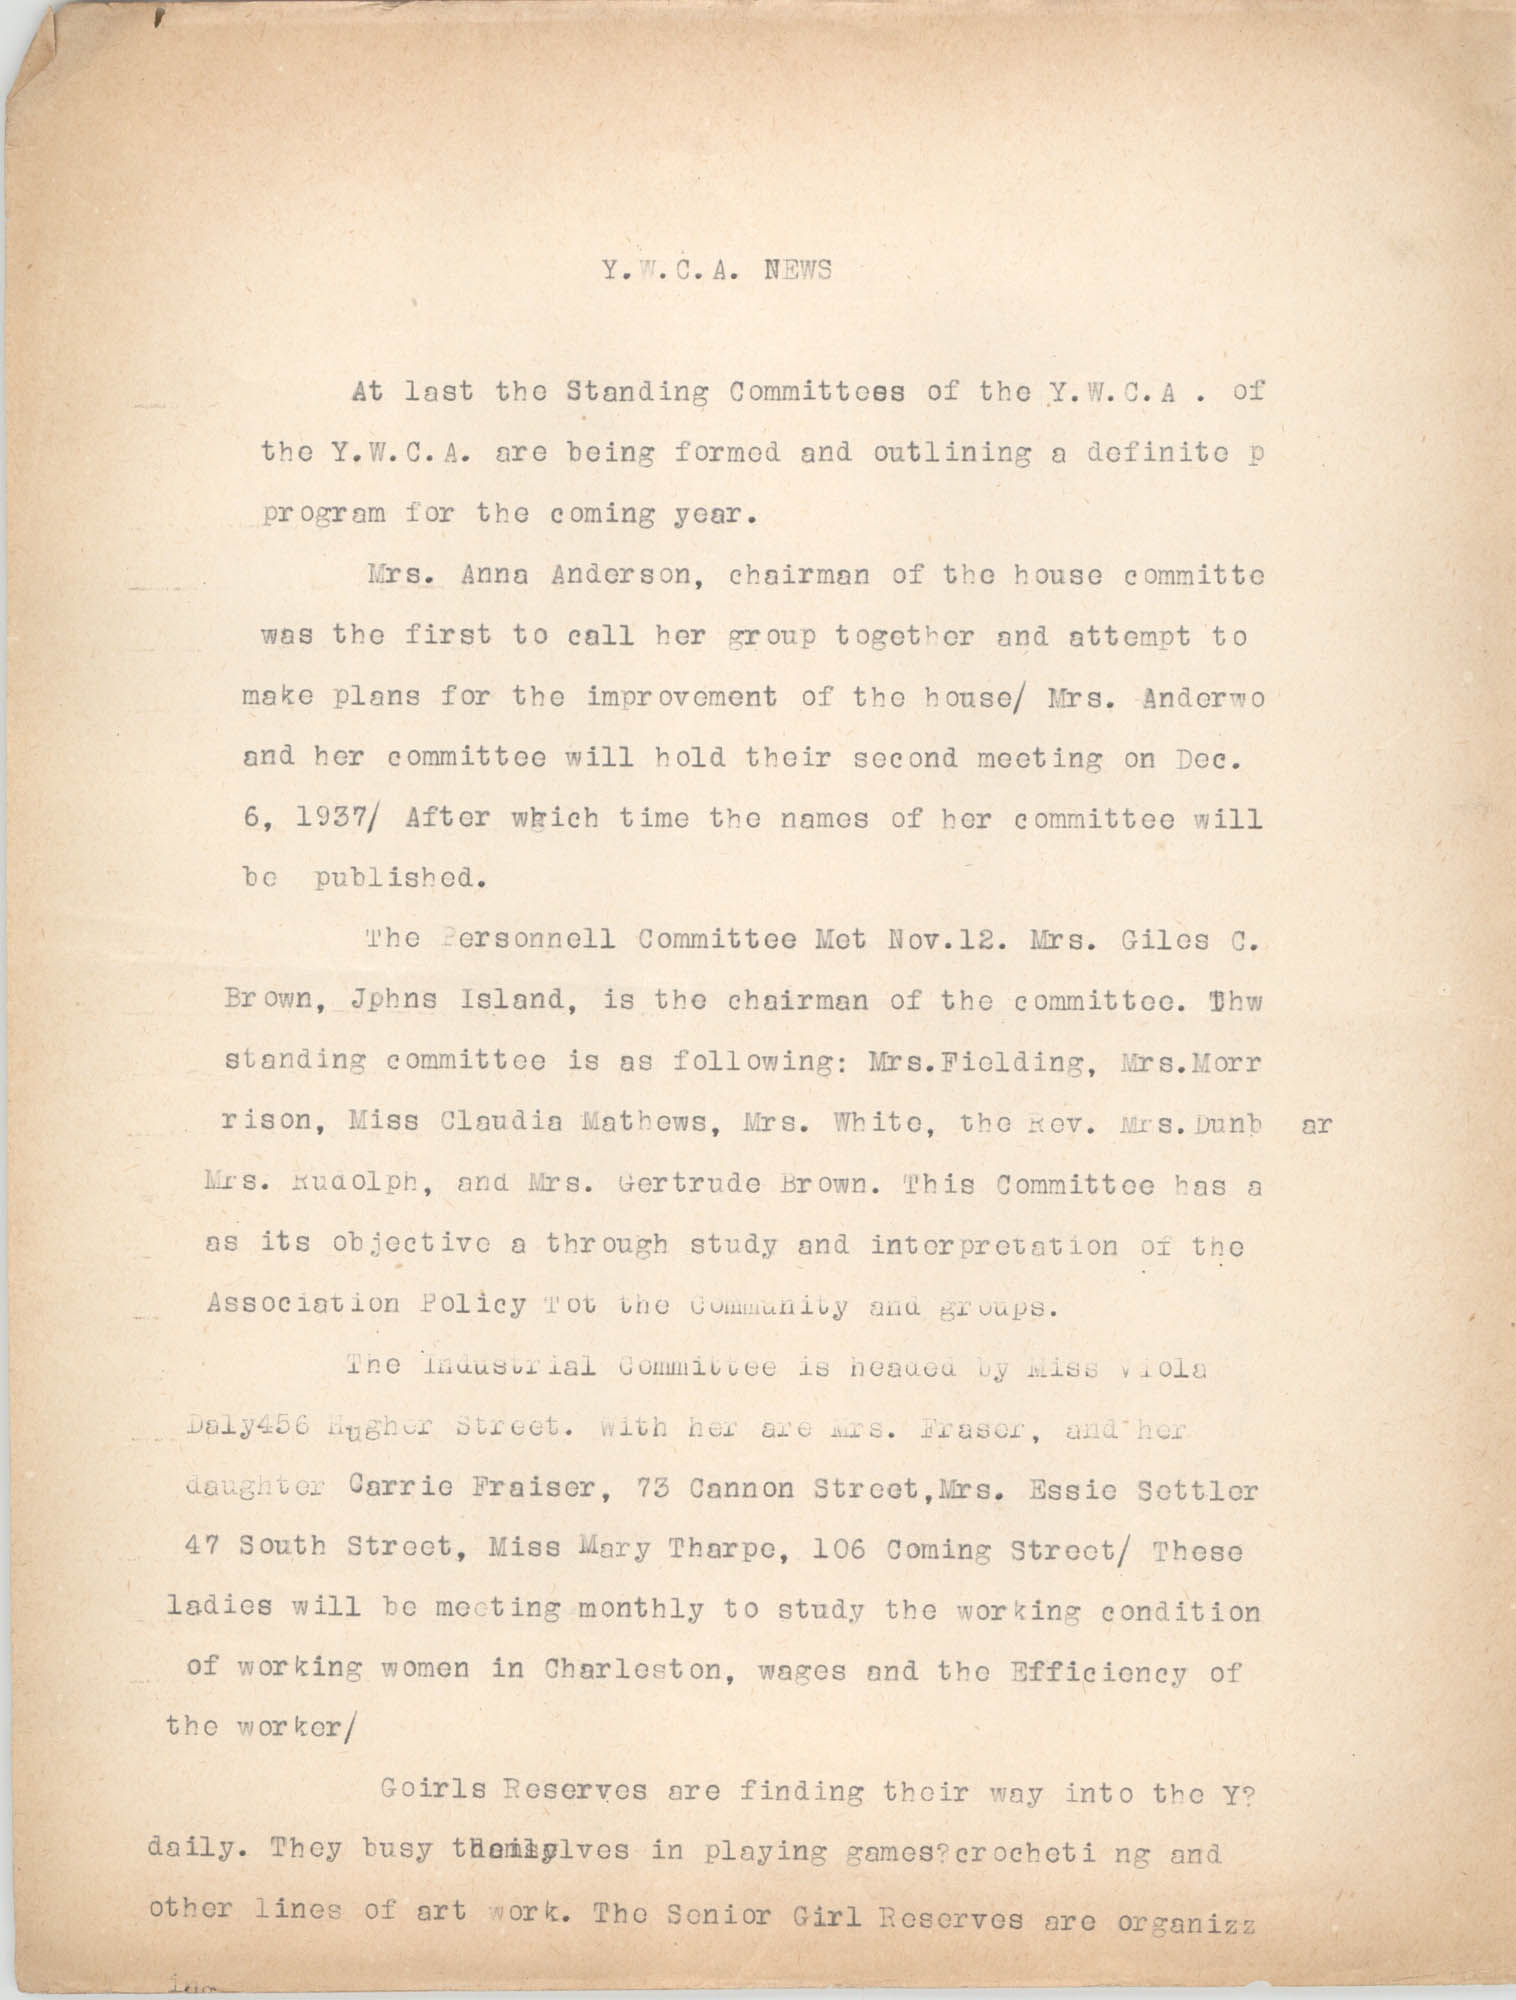 Y.W.C.A. News, 1937